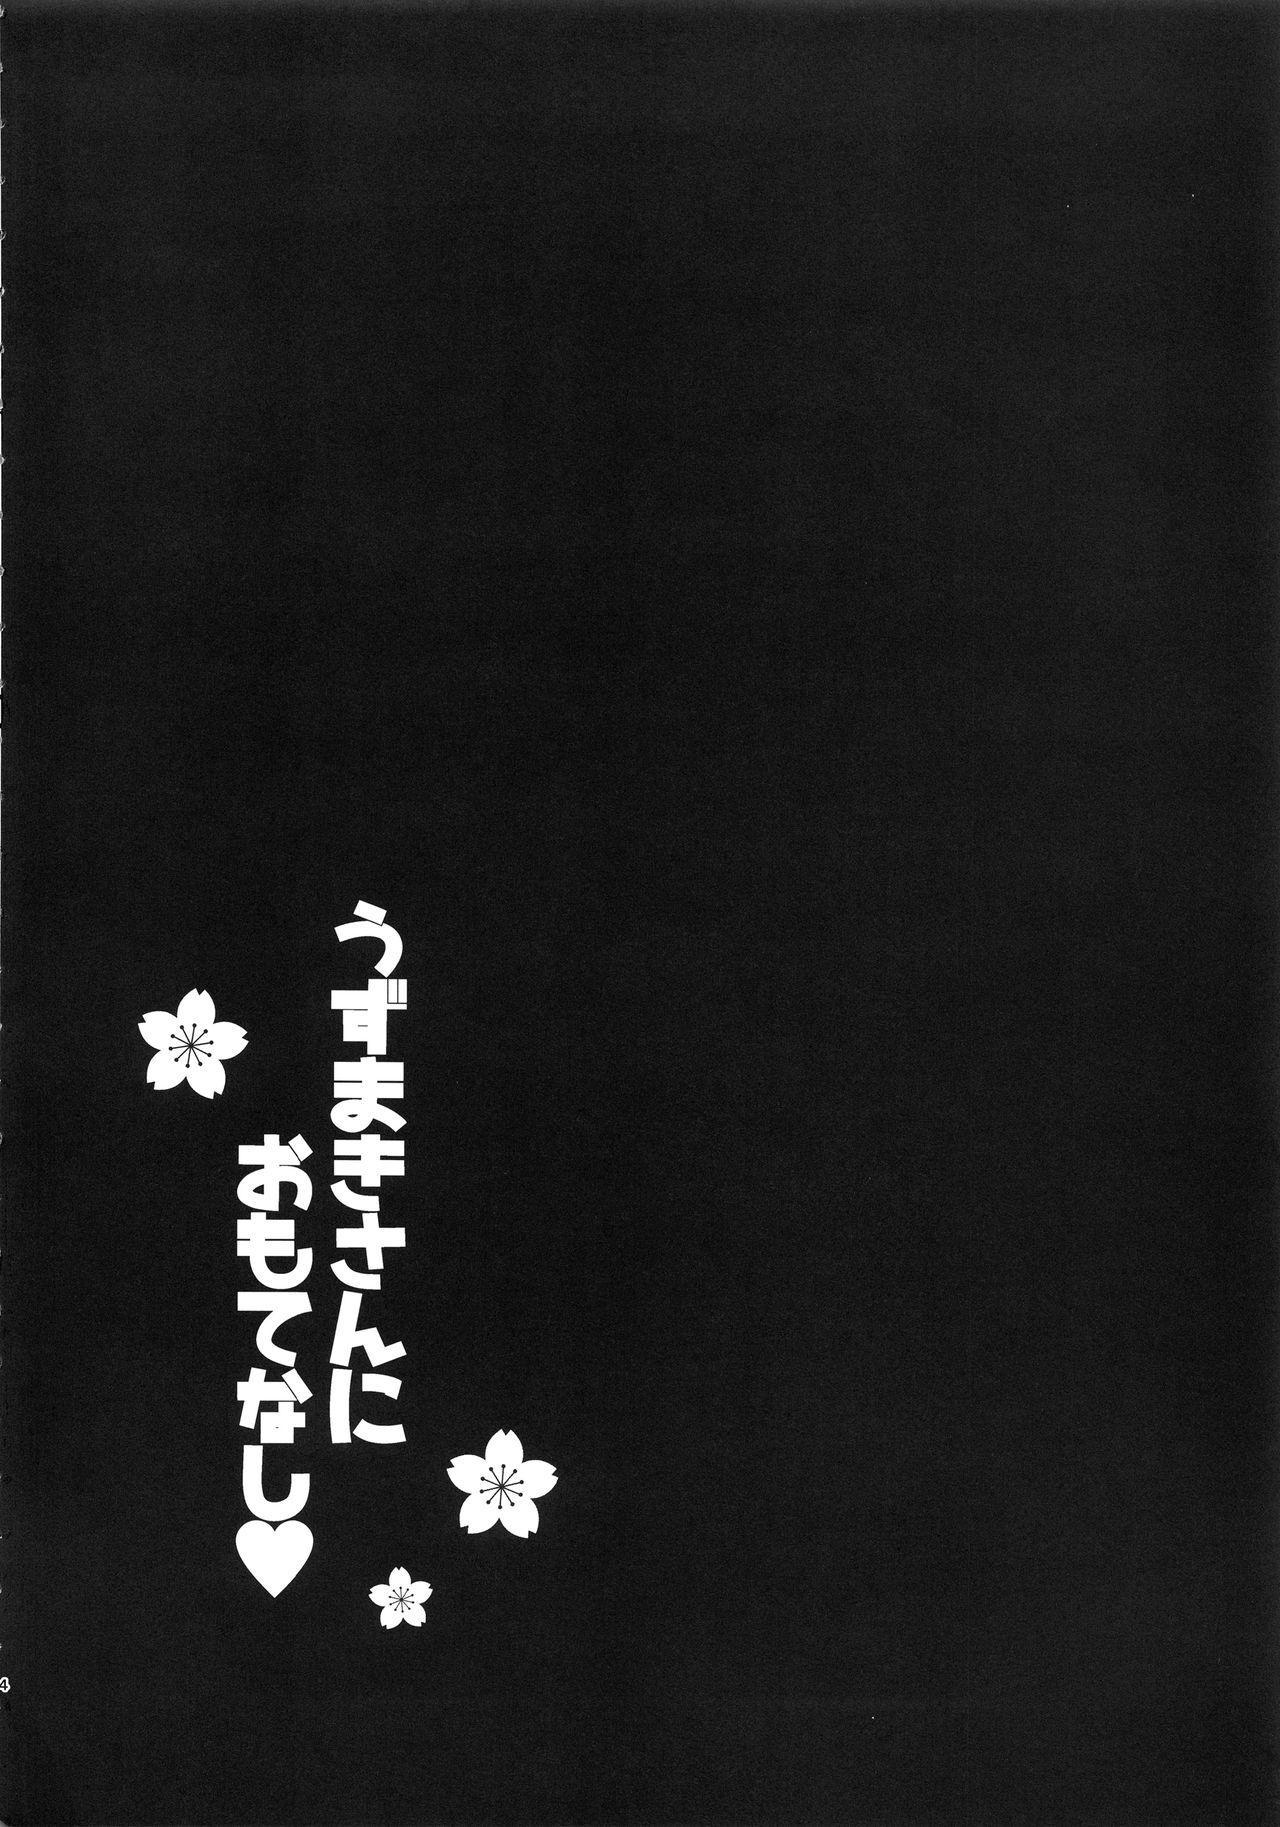 Uzumaki-san ni Omotenashi   給漩渦先生獻上服務吧♥ 3